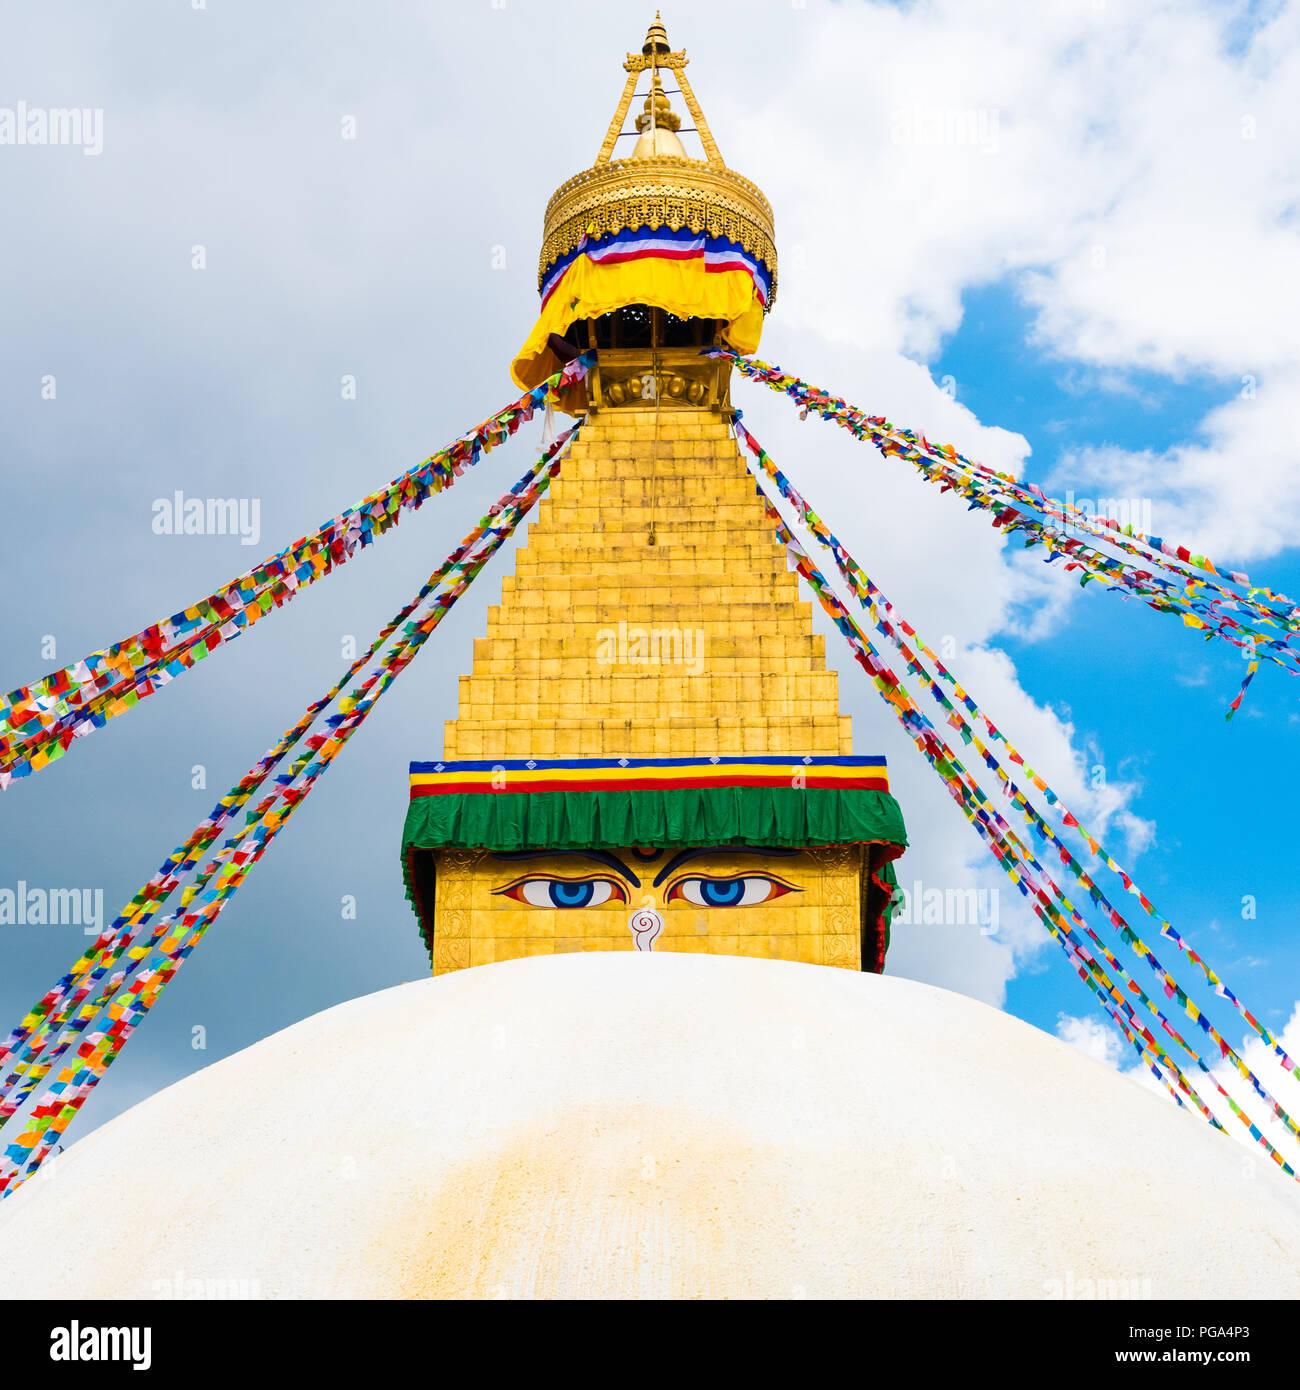 Boudhanath Stupa Bouddha Nepal Asia Stock Photos & Boudhanath Stupa Bouddha Nepal Asia Stock